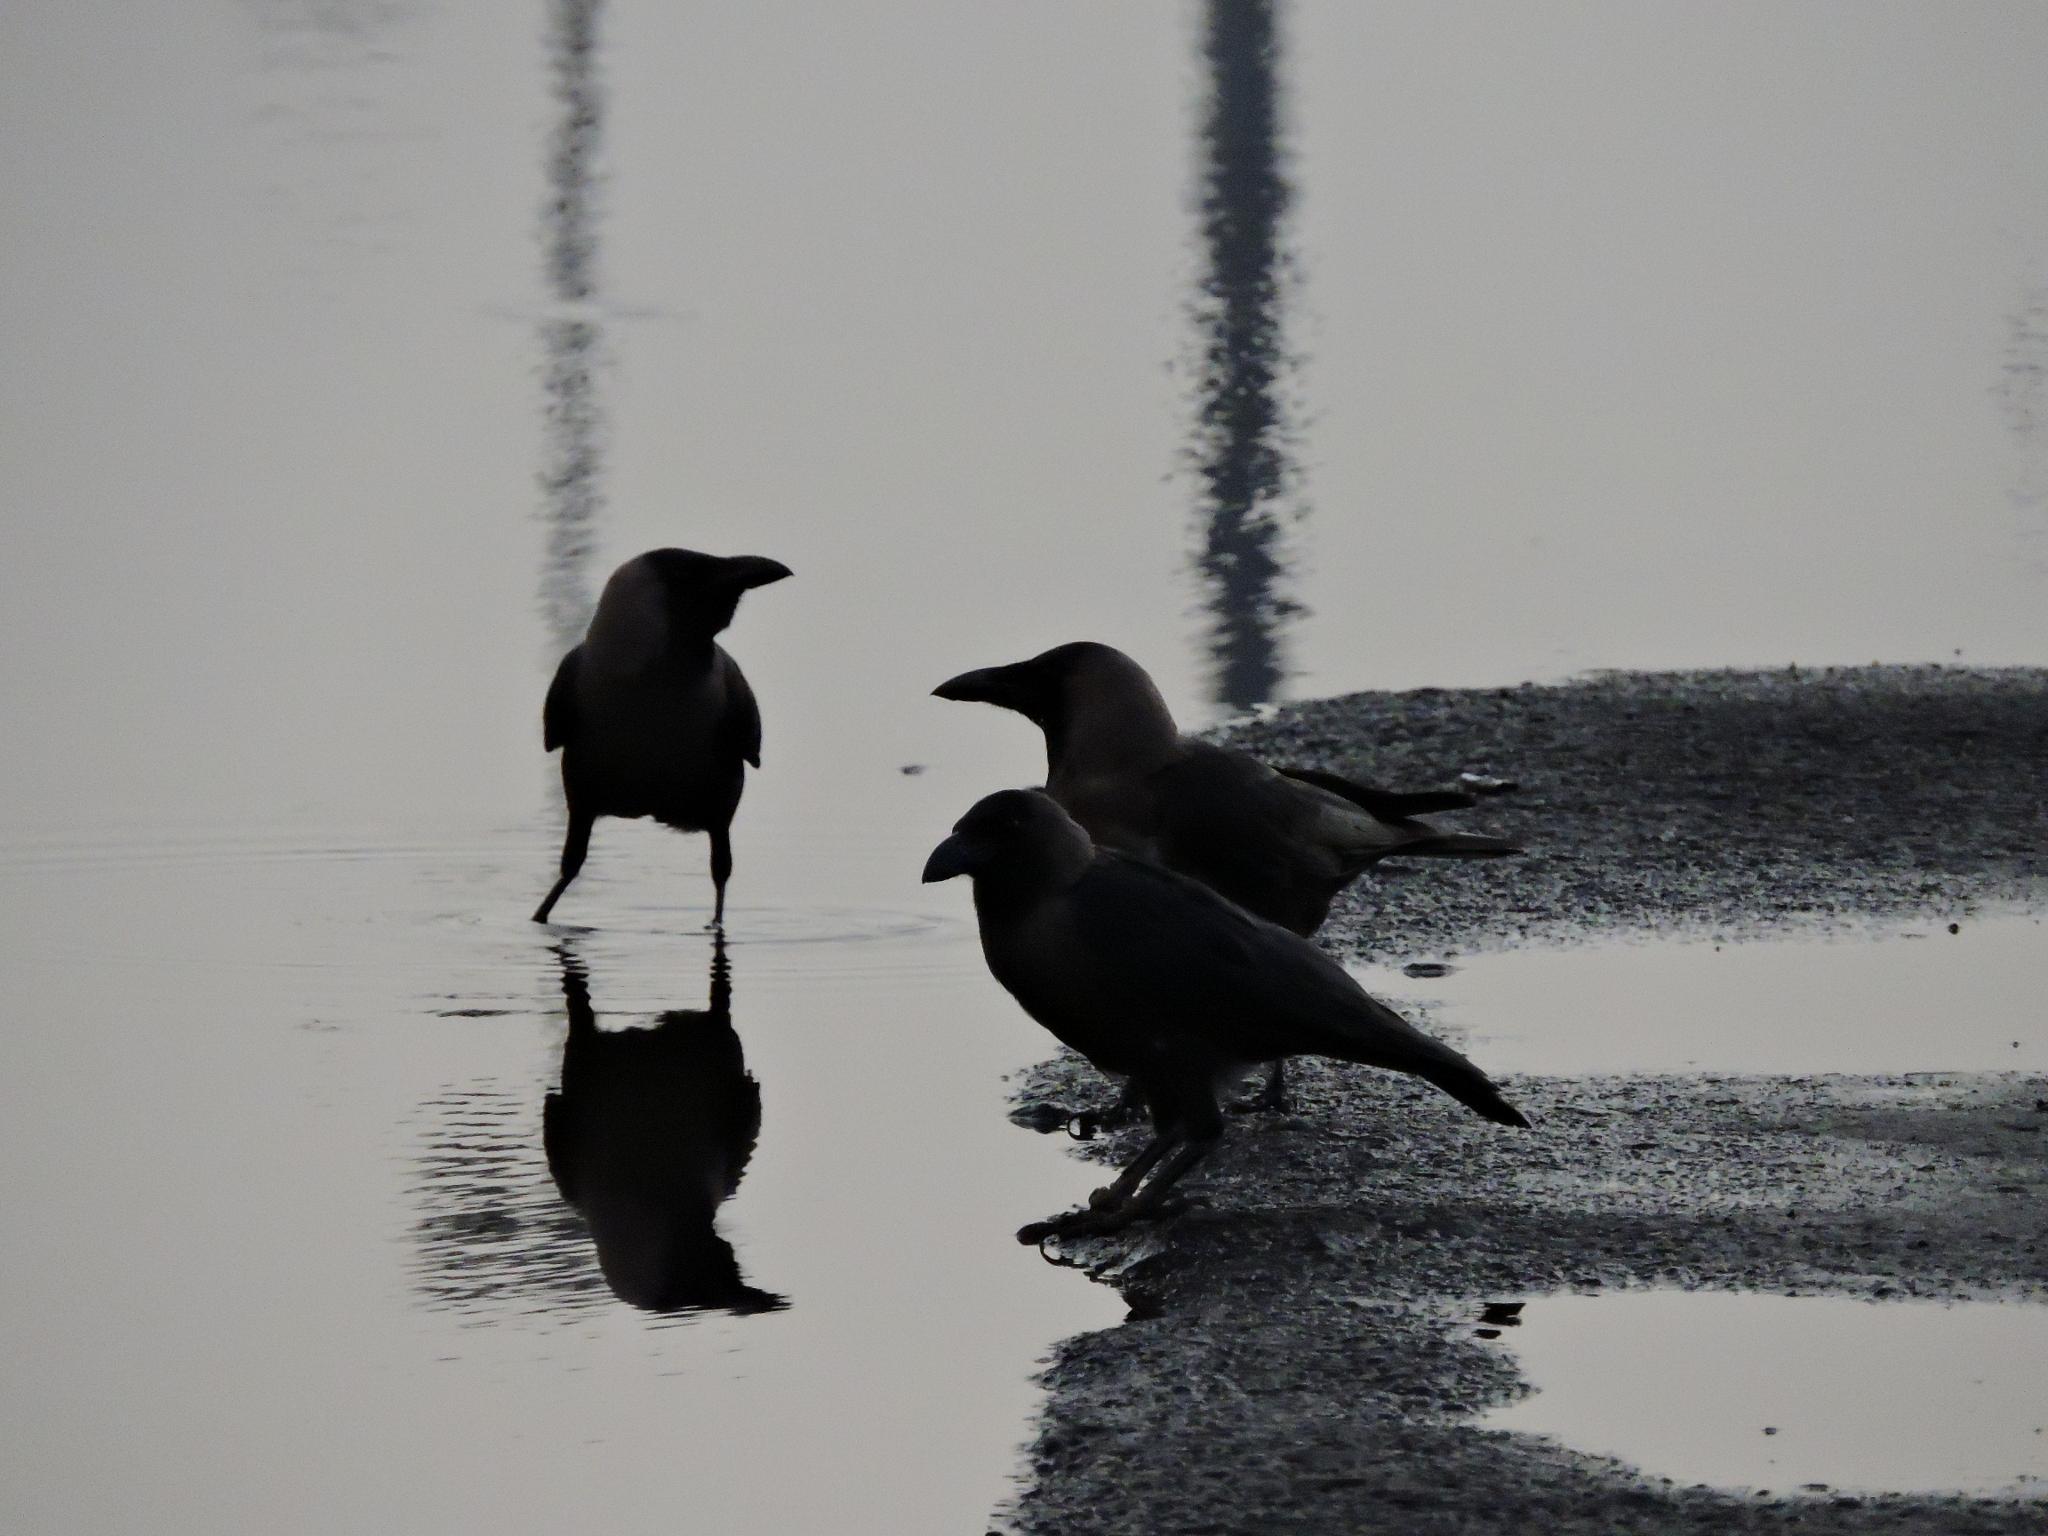 conversation by annapoorna.sitaram